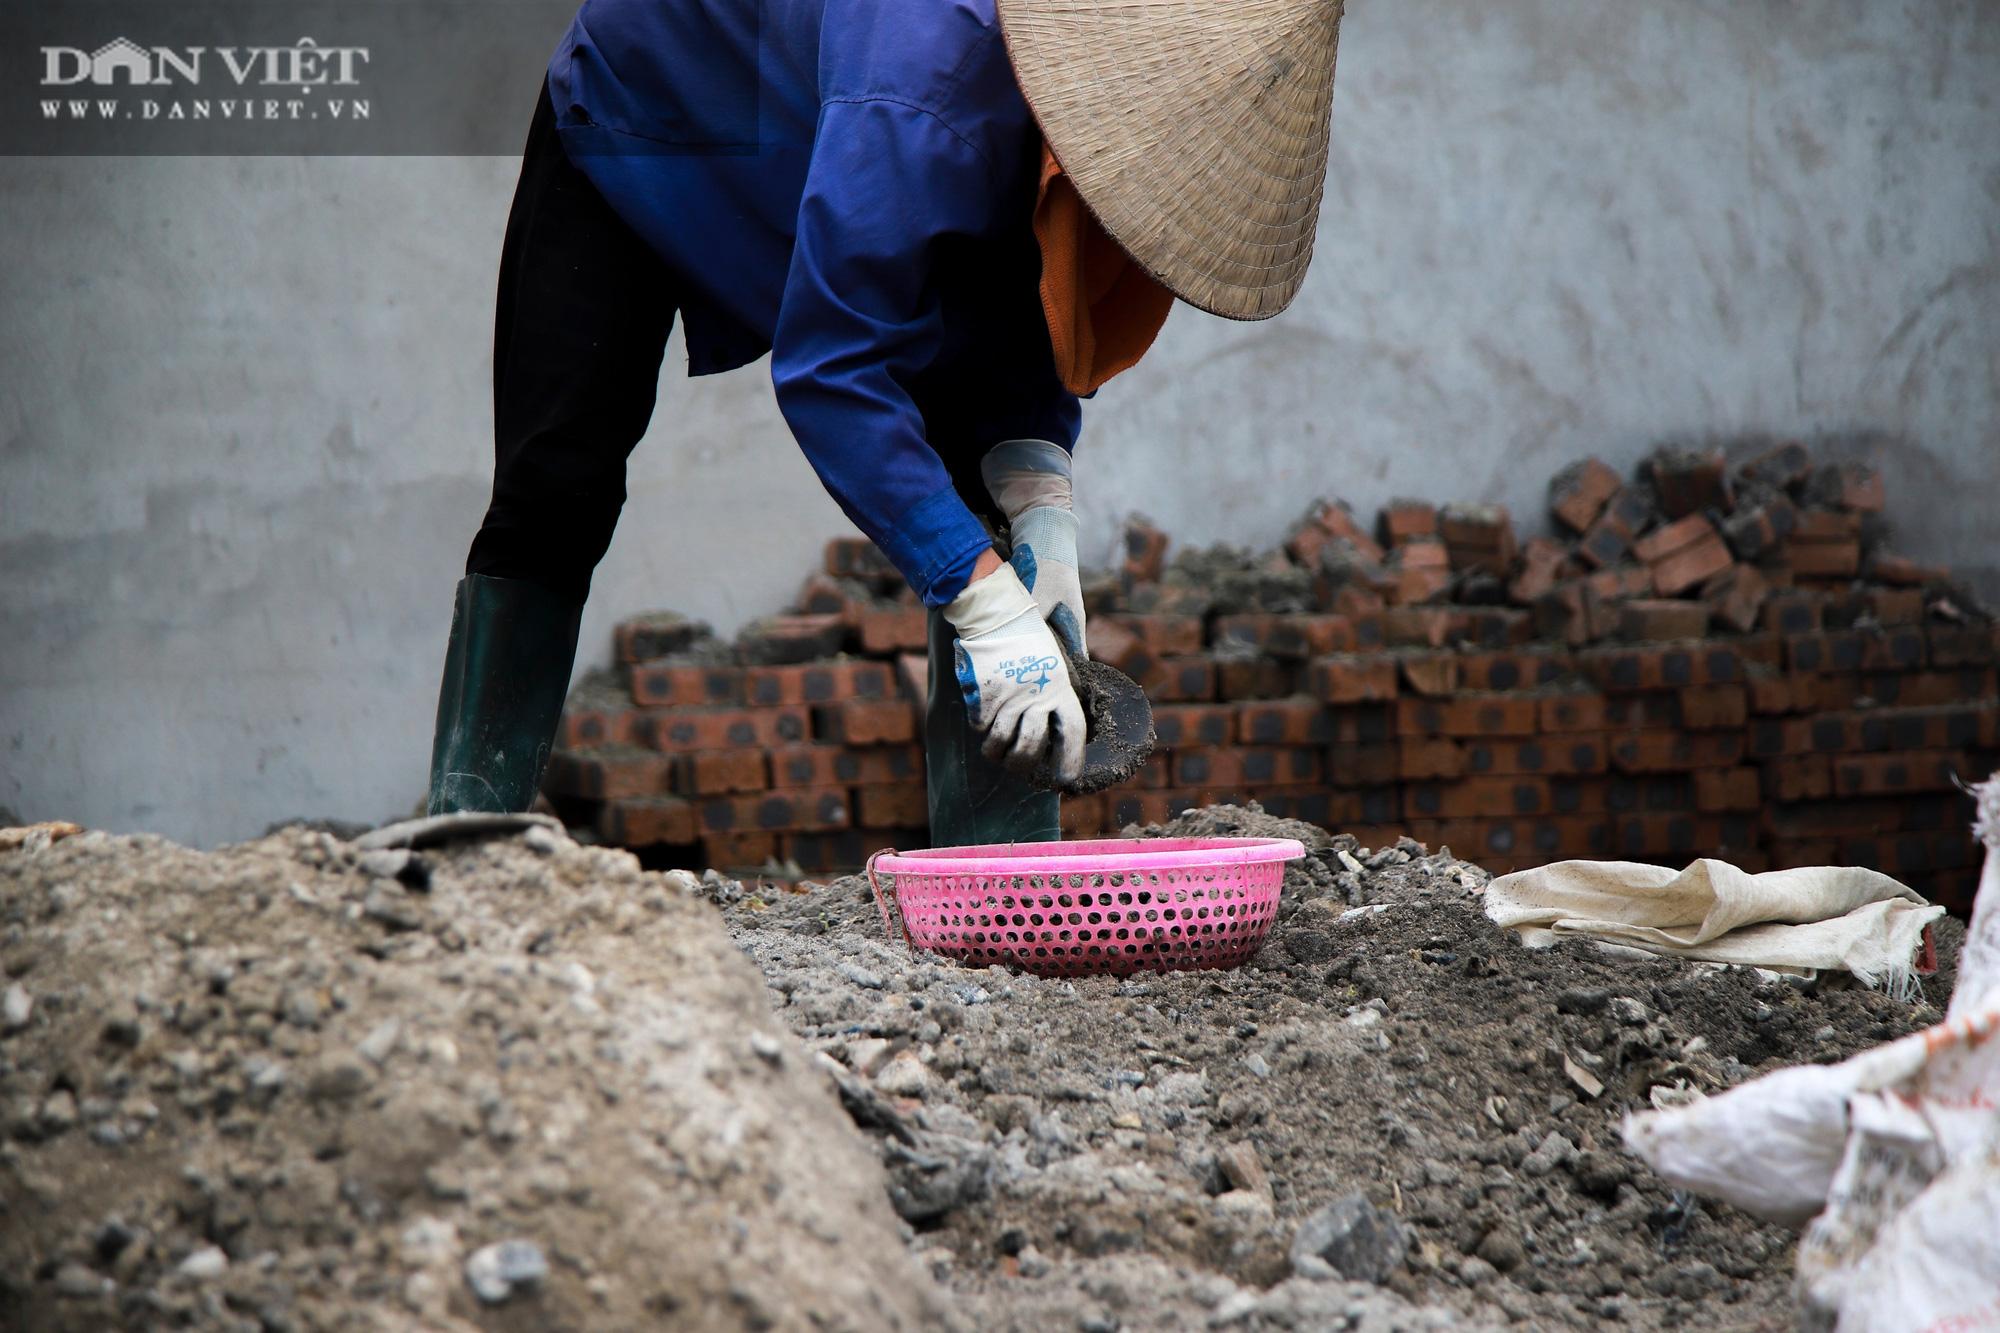 Ám ảnh khủng khiếp ở làng giấy Phú Lâm: Ô nhiễm đến con ruồi cũng không sống nổi, công nhân bán mòn sức - Ảnh 19.